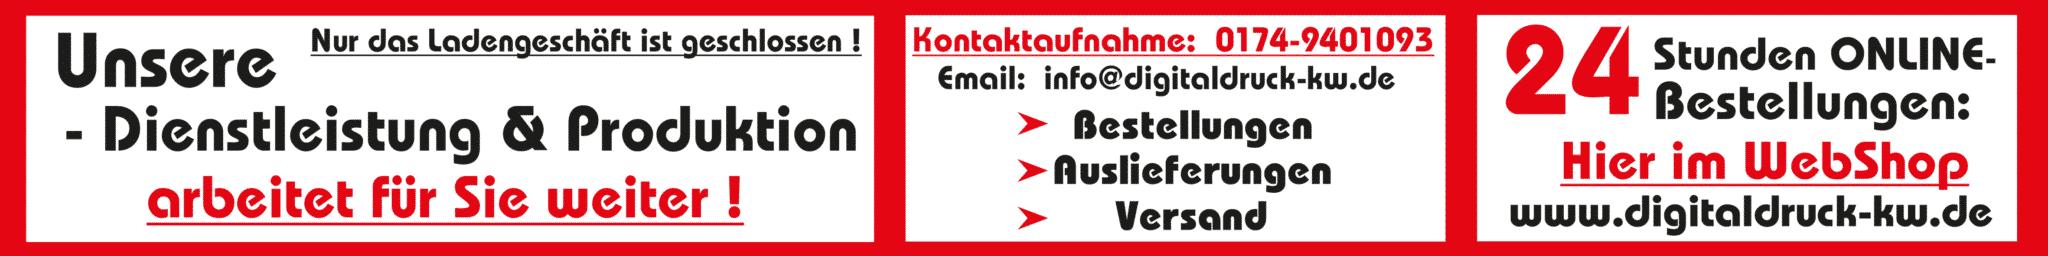 Unsere Dienstleistung & Produktion arbeitet für Sie weiter! Kontaktaufnahme: 0174-9401093 - 24 Stunden ONLINE-Bestellungen